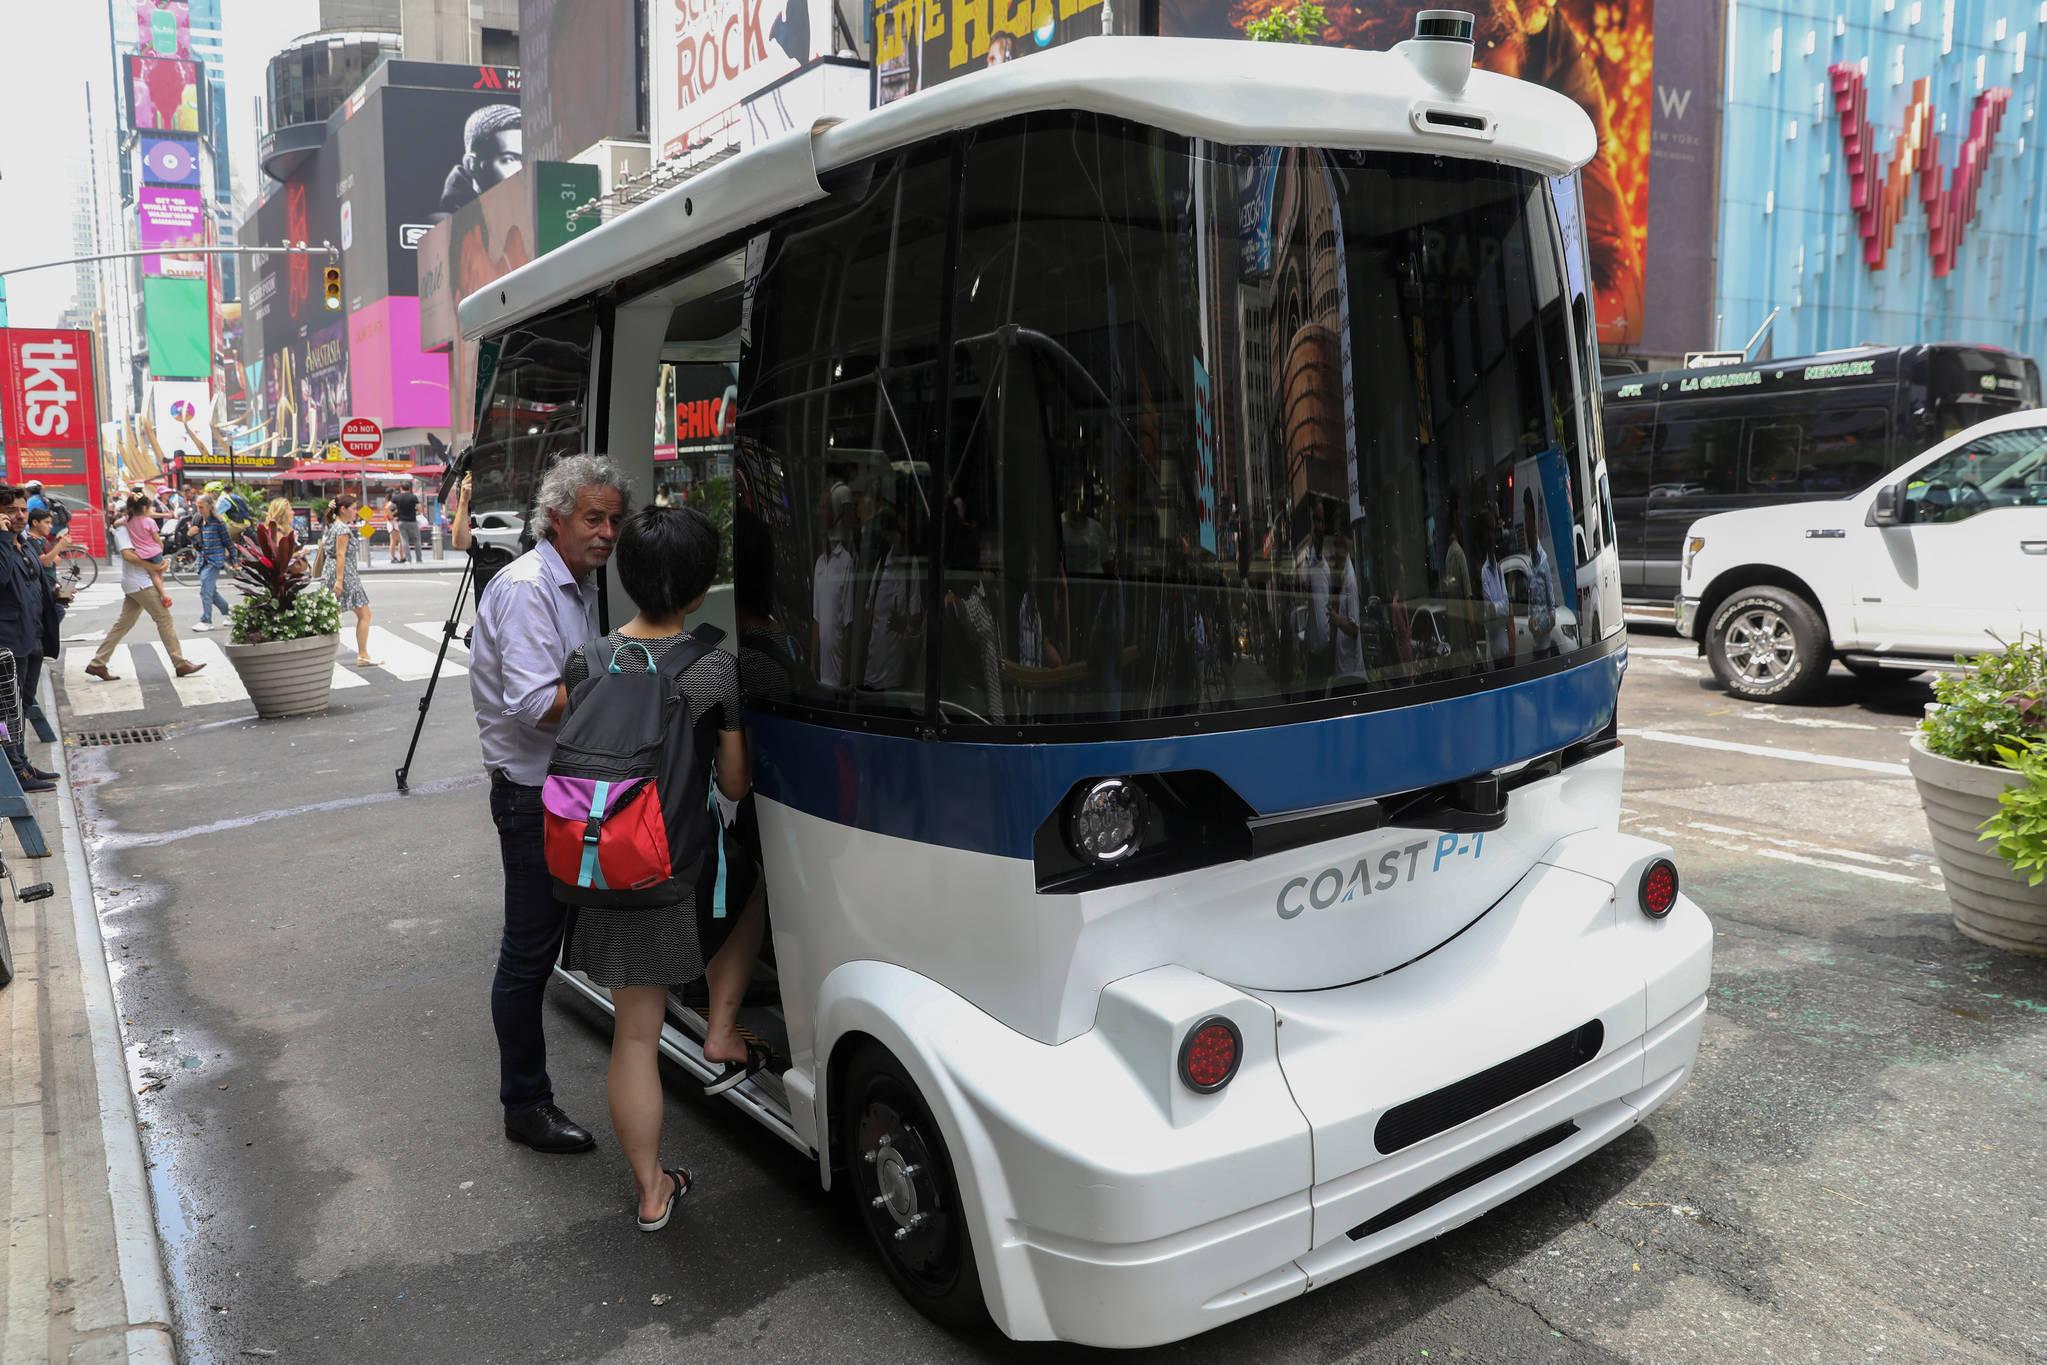 저속으로 운행하는 전기자율주행버스 '코스트 P1'이 17일 뉴욕 맨해튼에서 첫 시험운행했다.공개행사에 참석한 취재진이 차량에 탑승하고 있다.[로이터=연합뉴스]